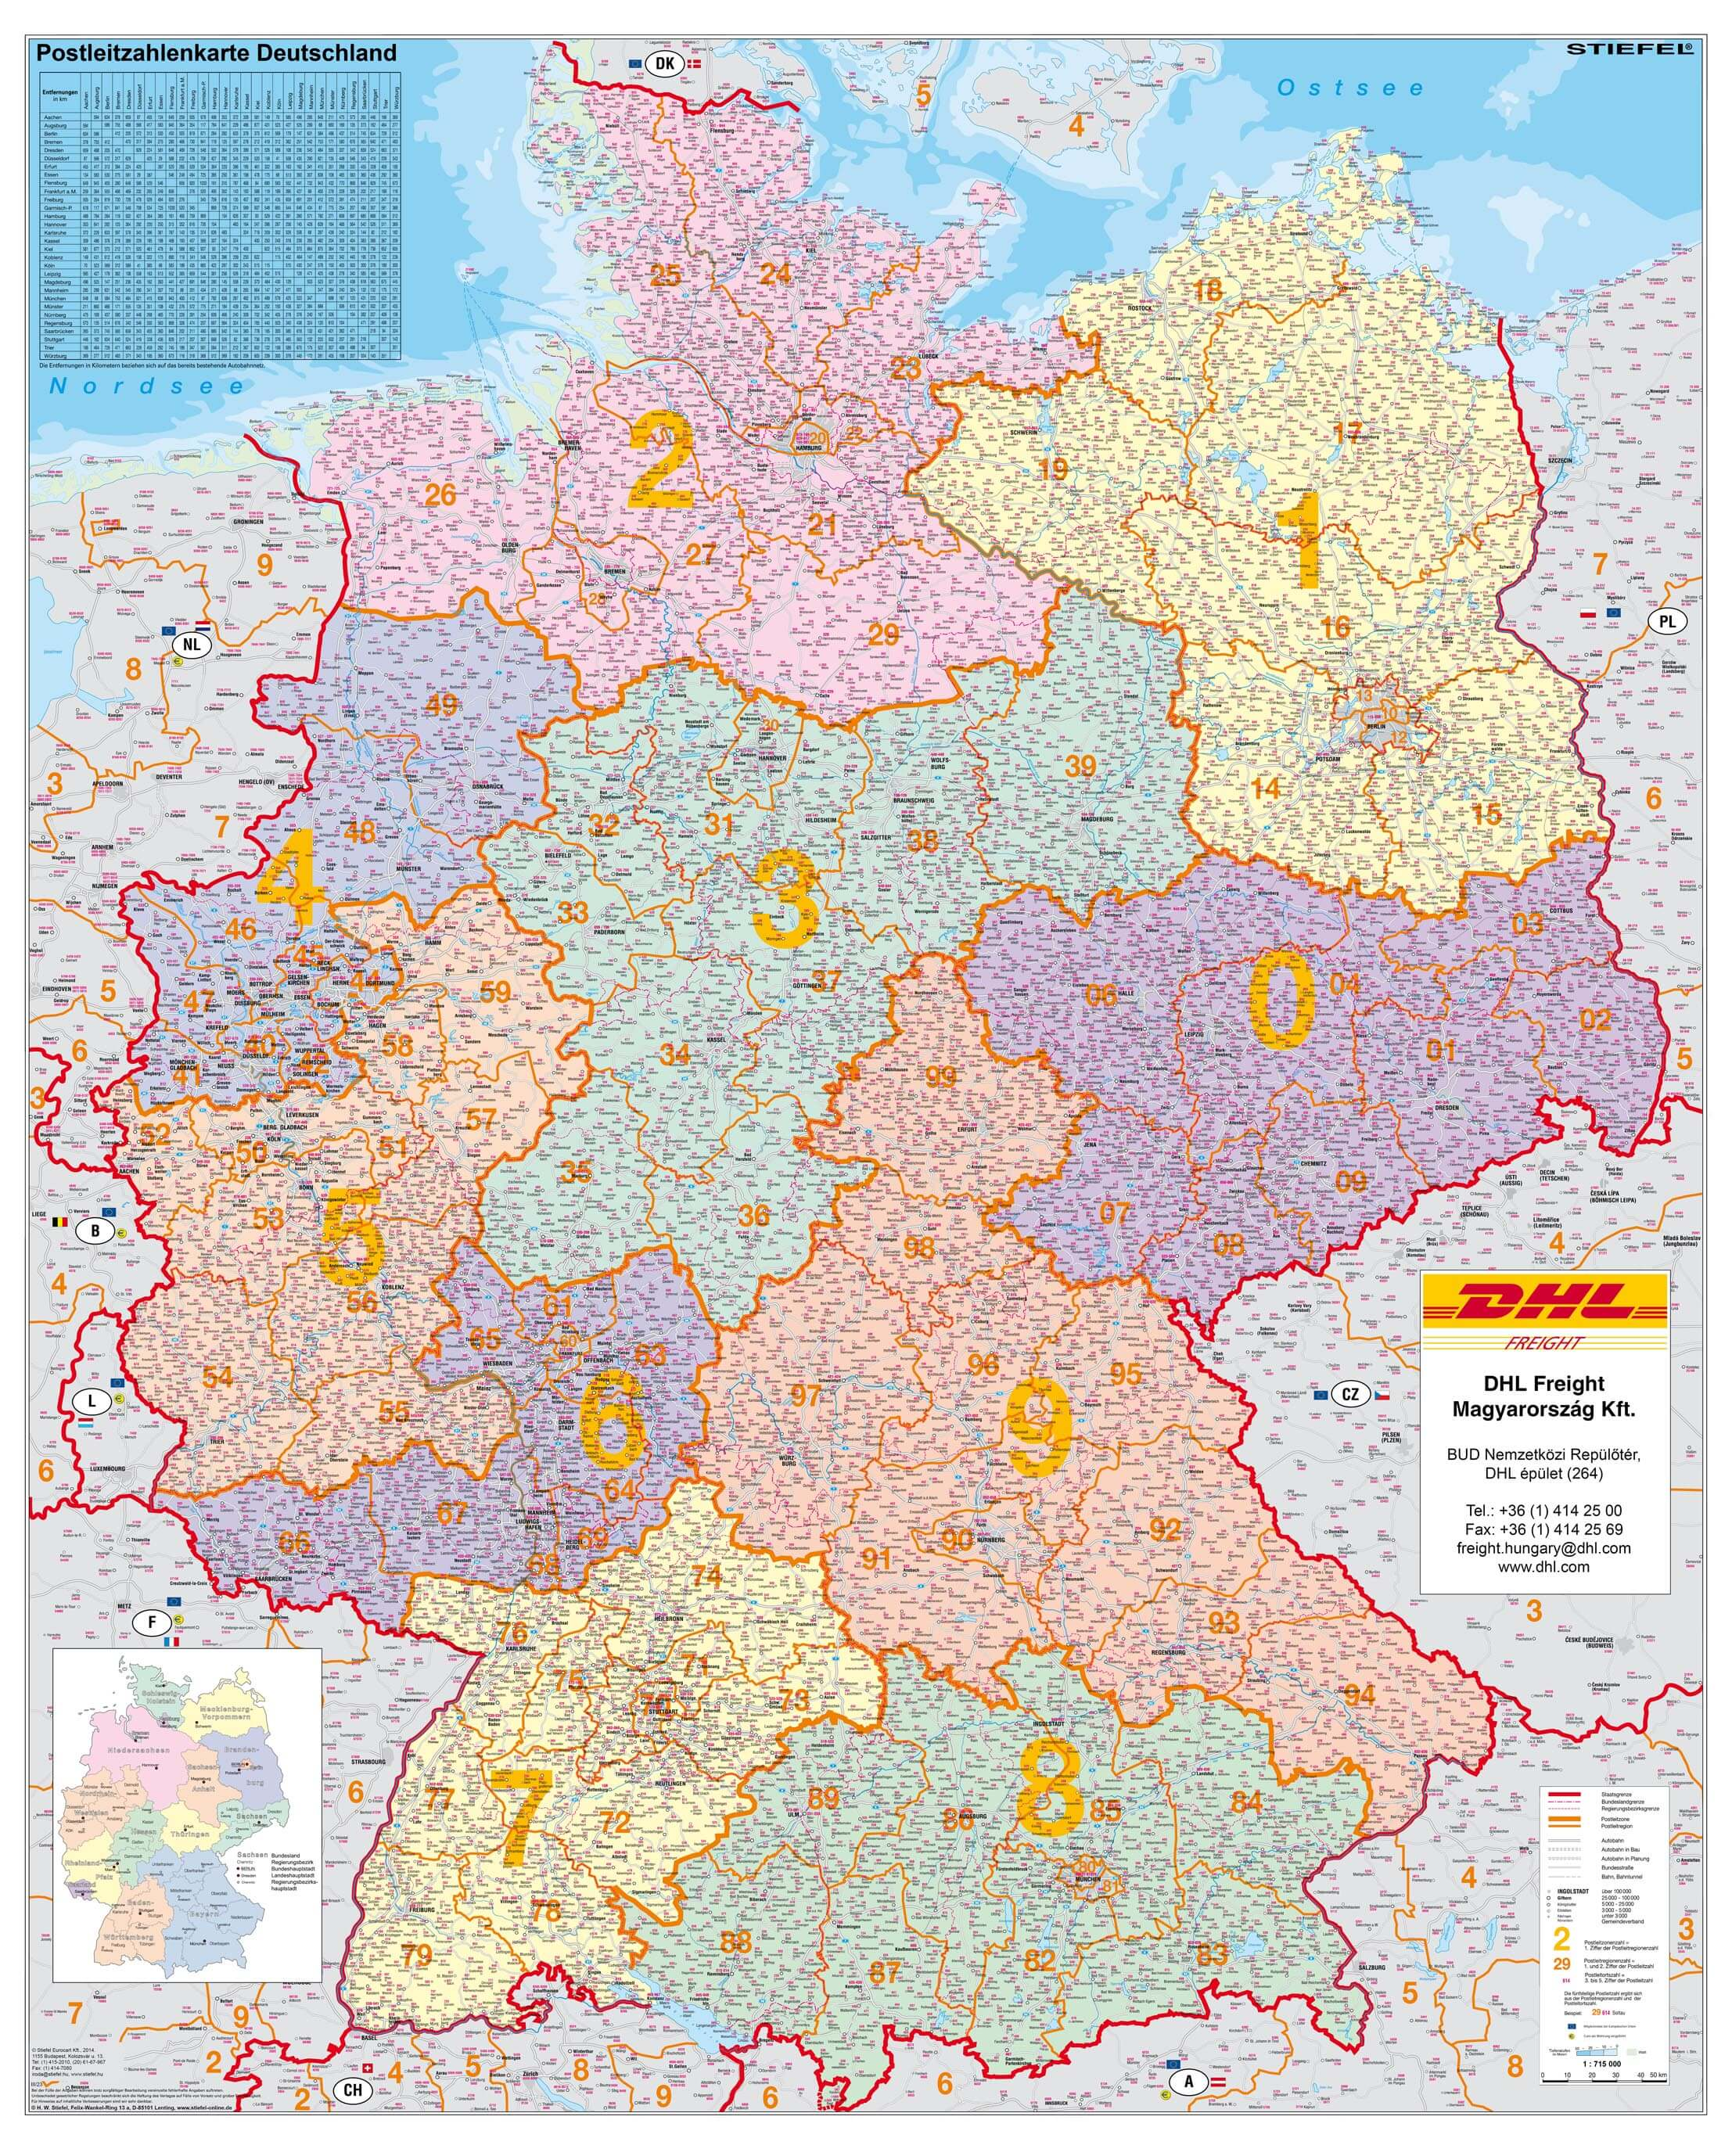 németország irányítószámos térkép Falitérképek | Stiefel Üzleti Térképek németország irányítószámos térkép